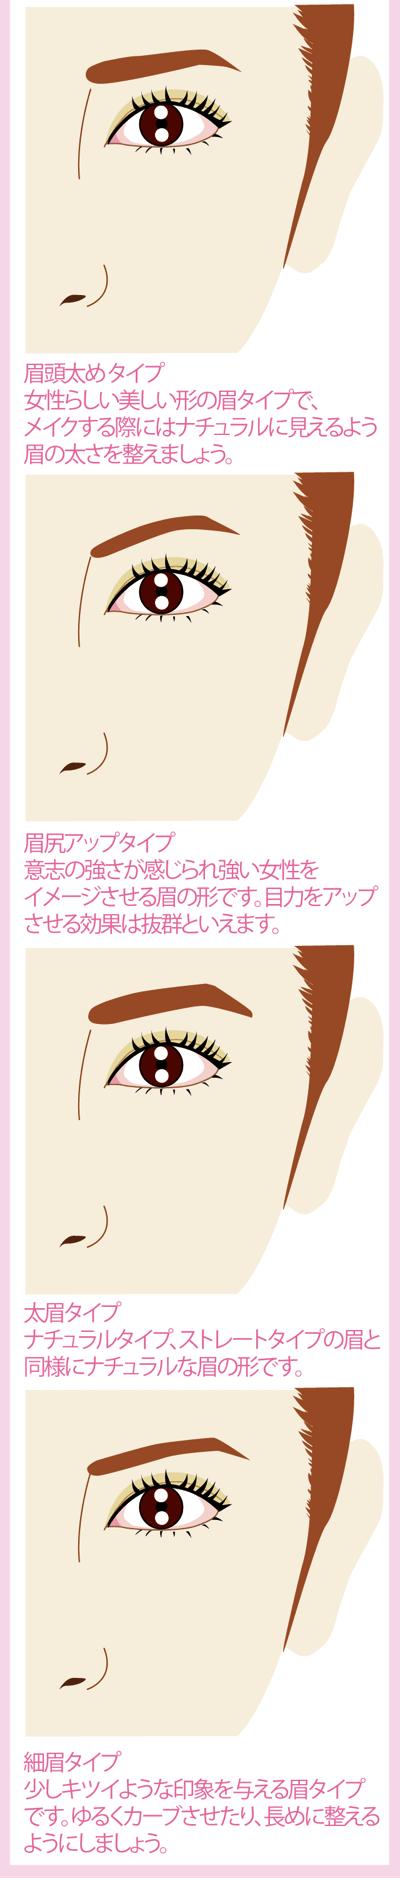 眉毛の形でイメージが変わる!美眉スタイリング2